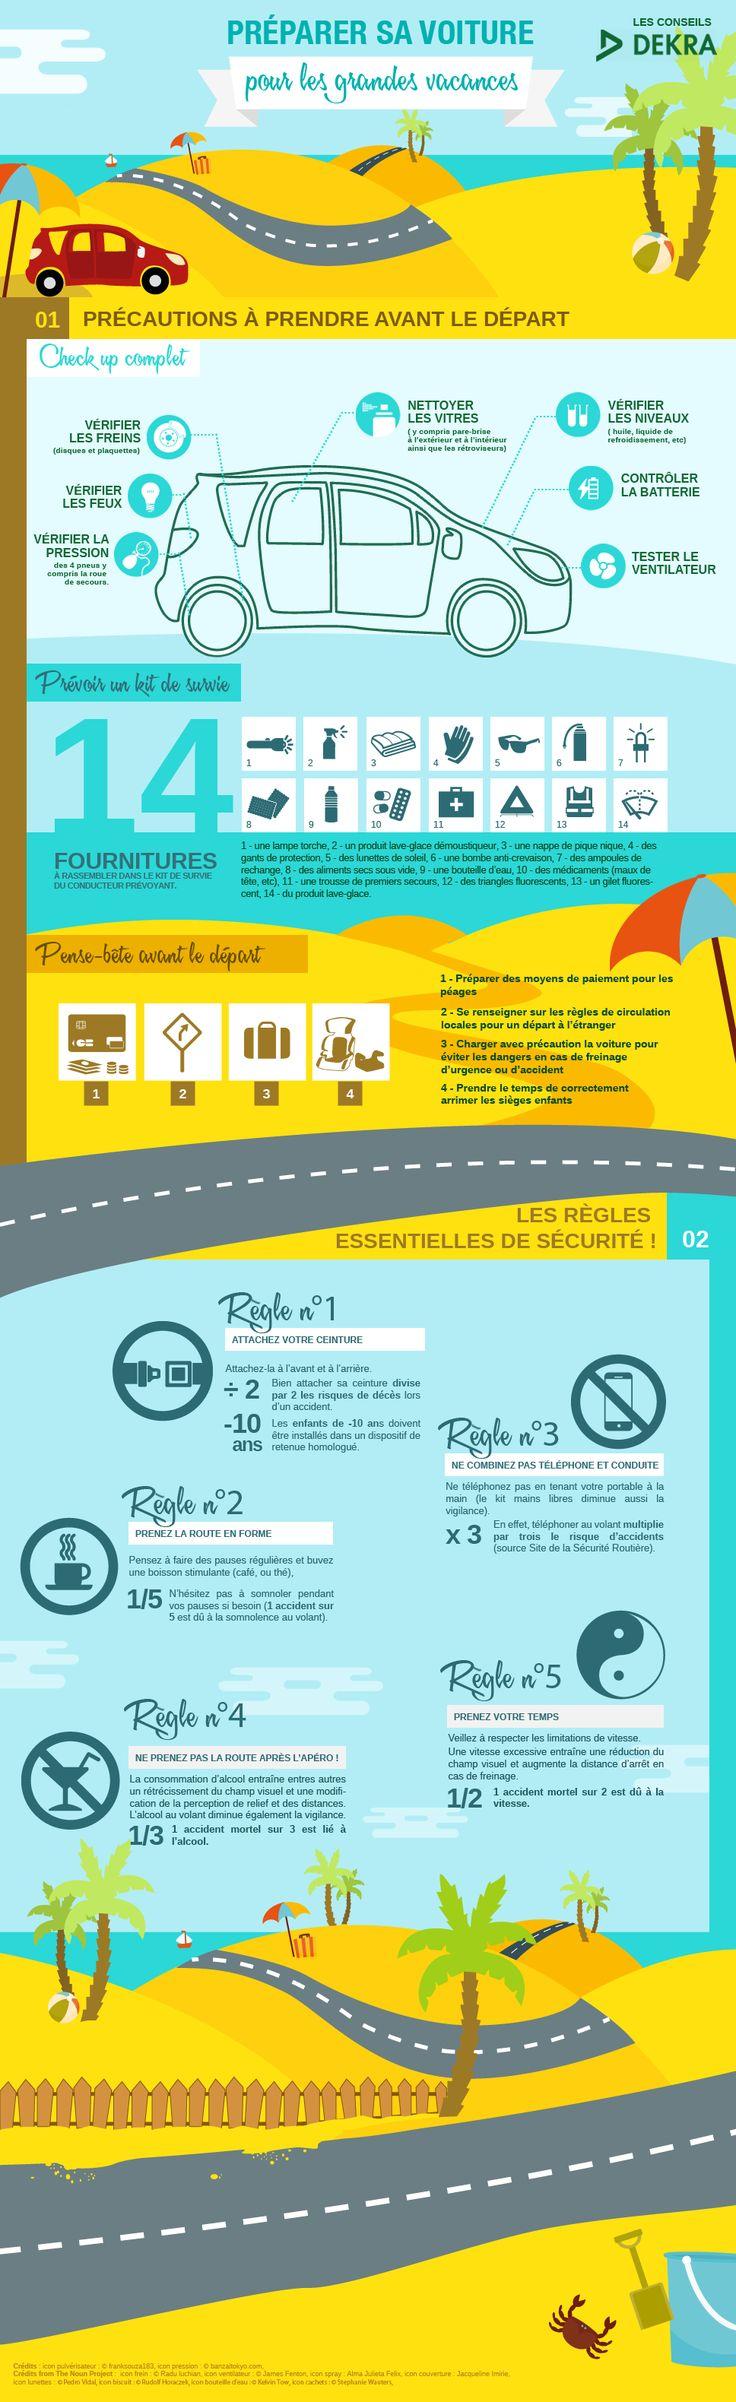 Infographie : préparer sa voiture pour les grandes vacances - Blog DEKRA